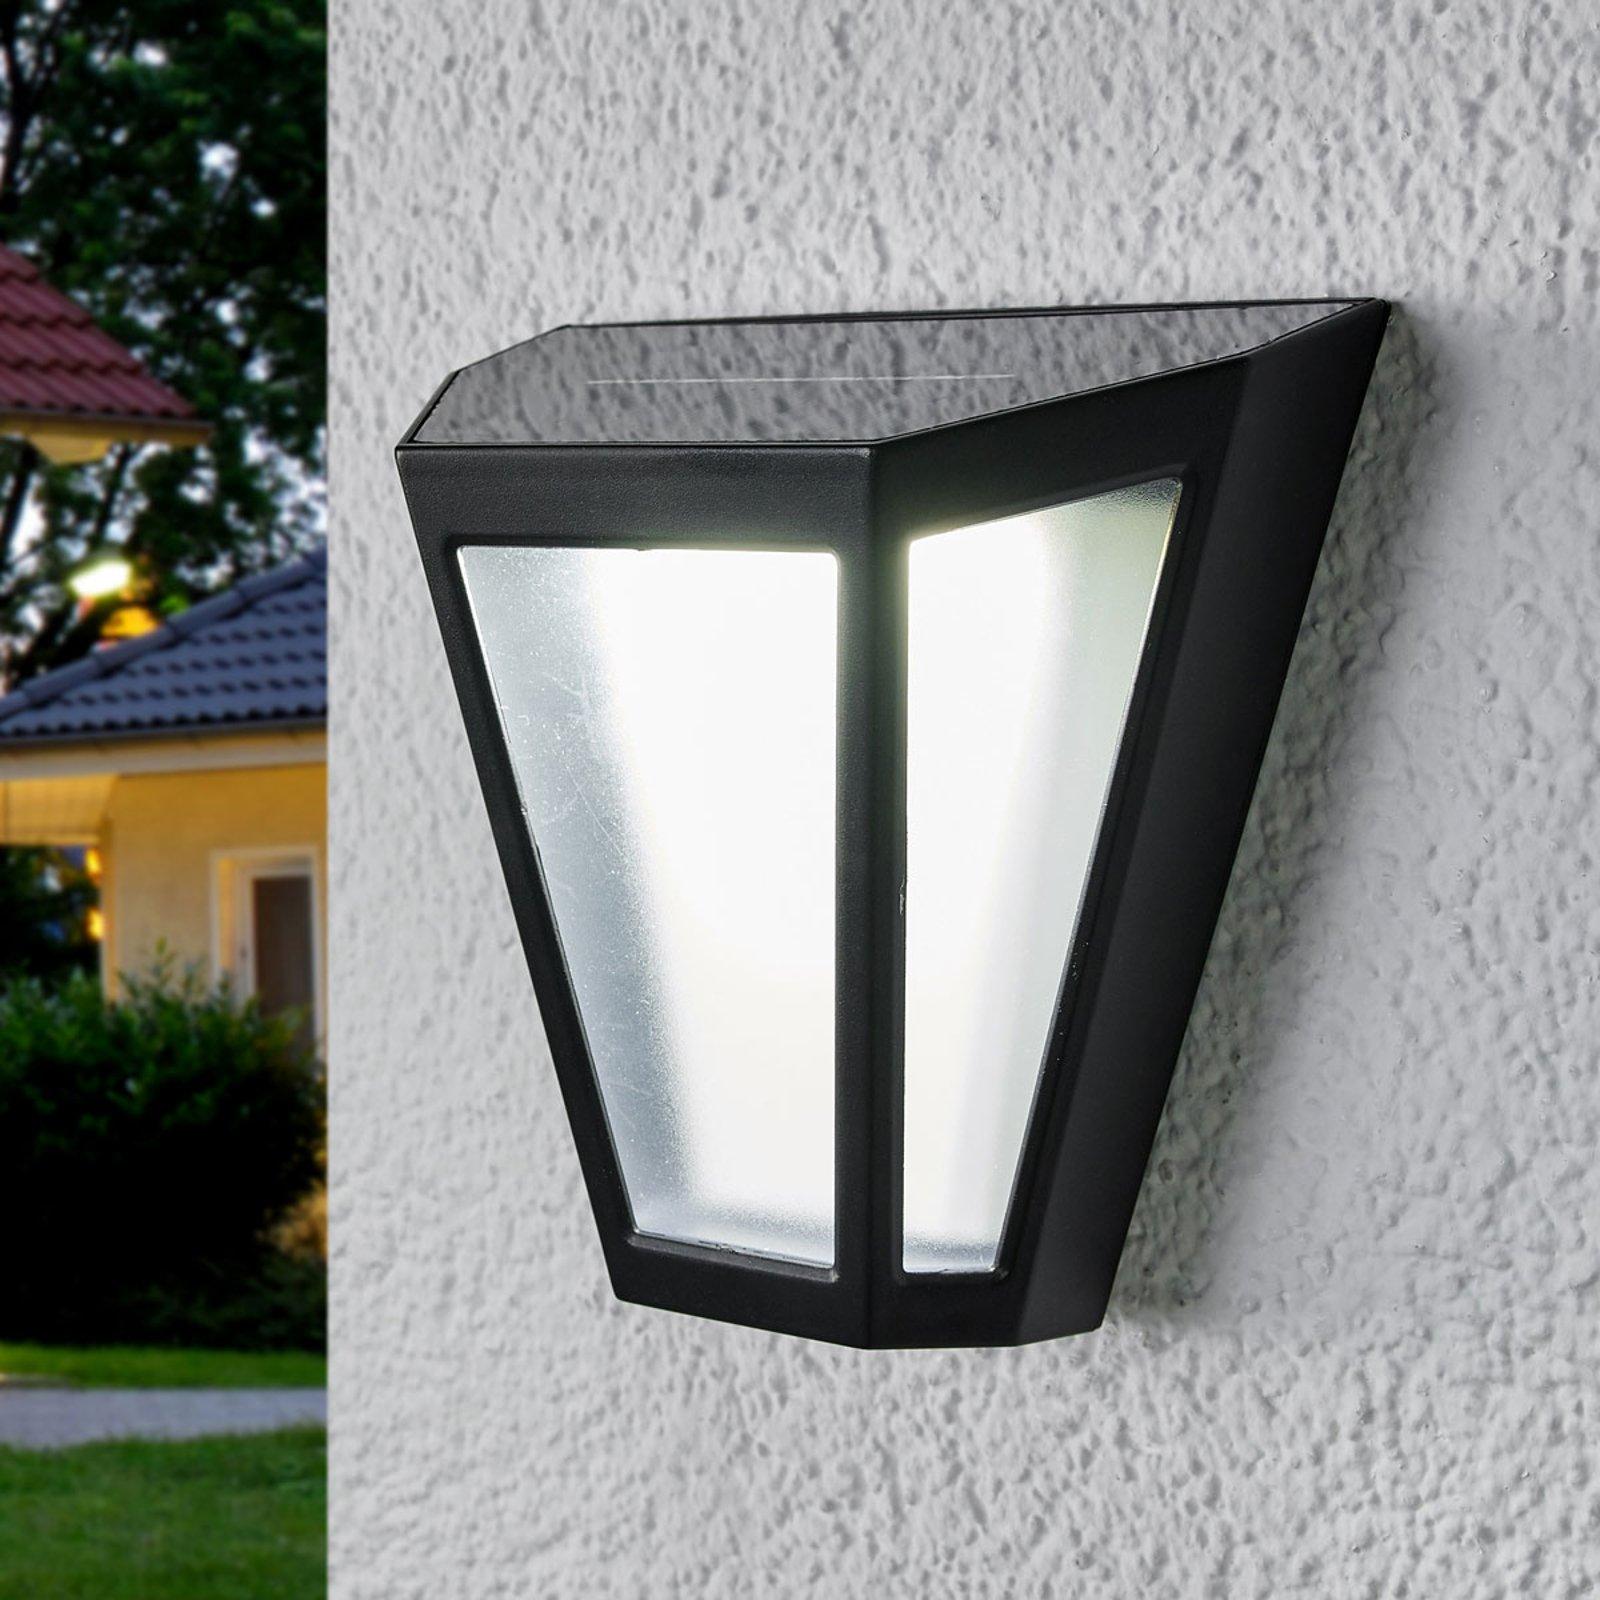 LED-solcellelampe Yago, frostet skjerm